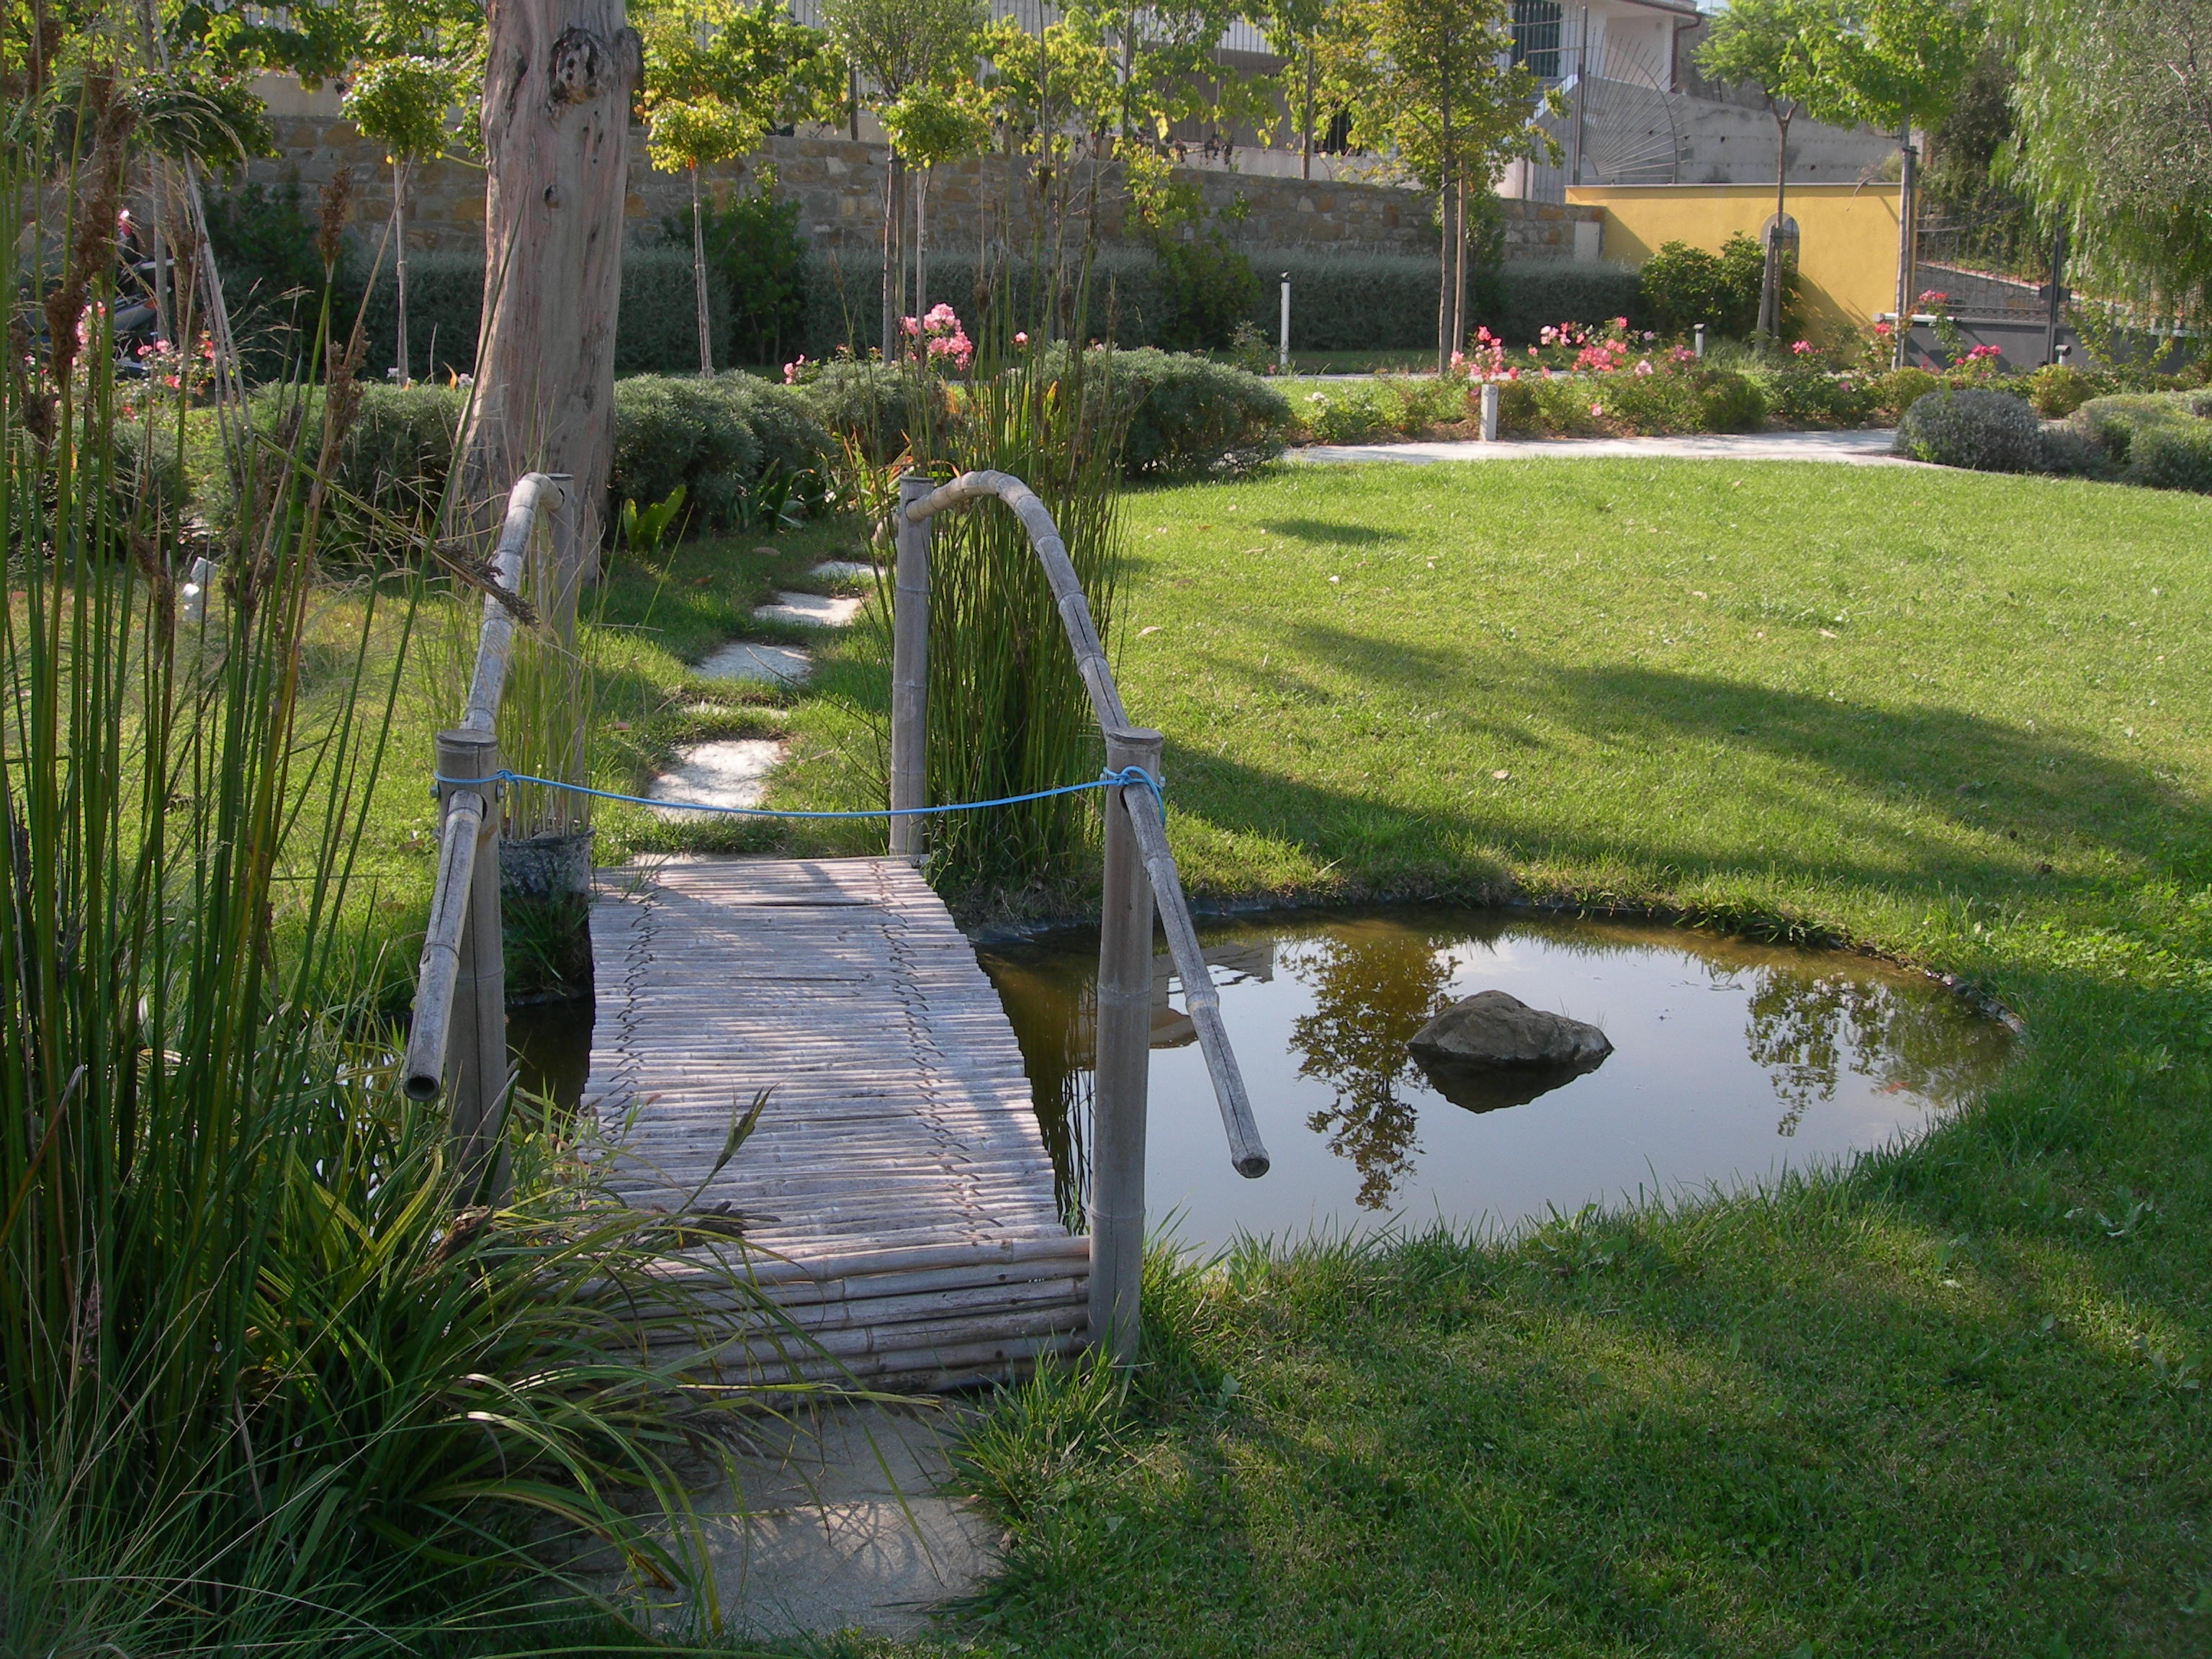 Benza laghetti da giardino cascate e ruscelli artificiali for Vasca pvc laghetto